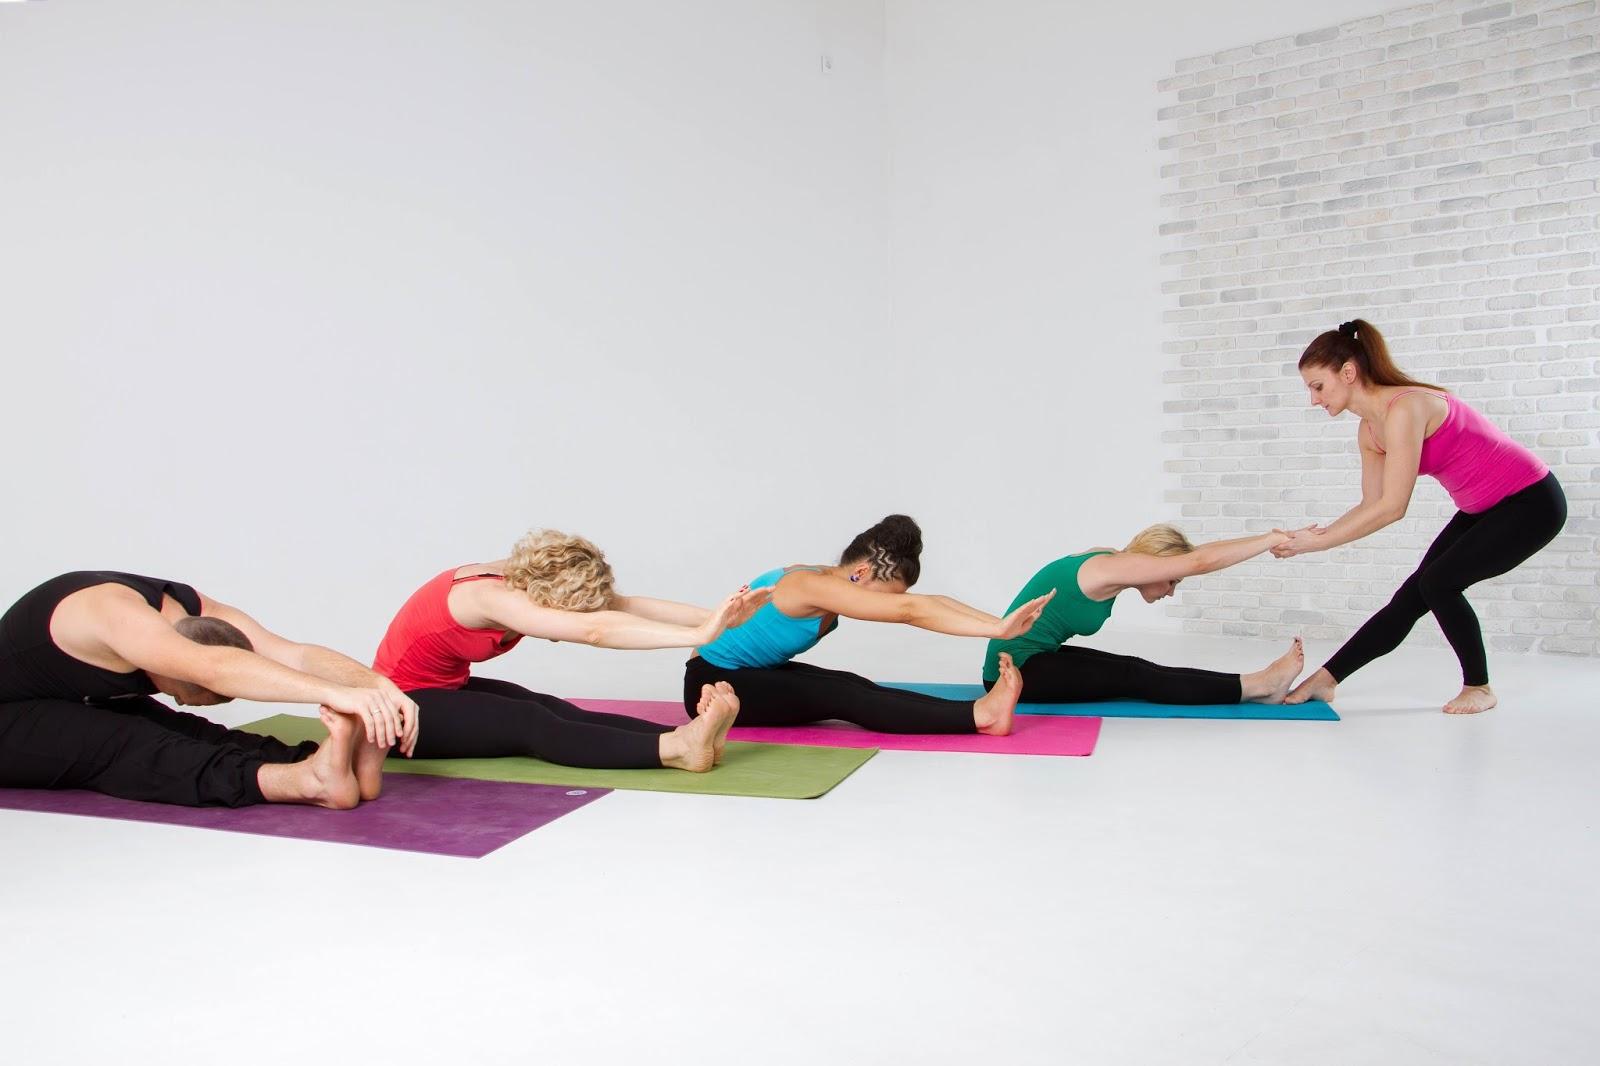 Йога занятие в домашних условиях